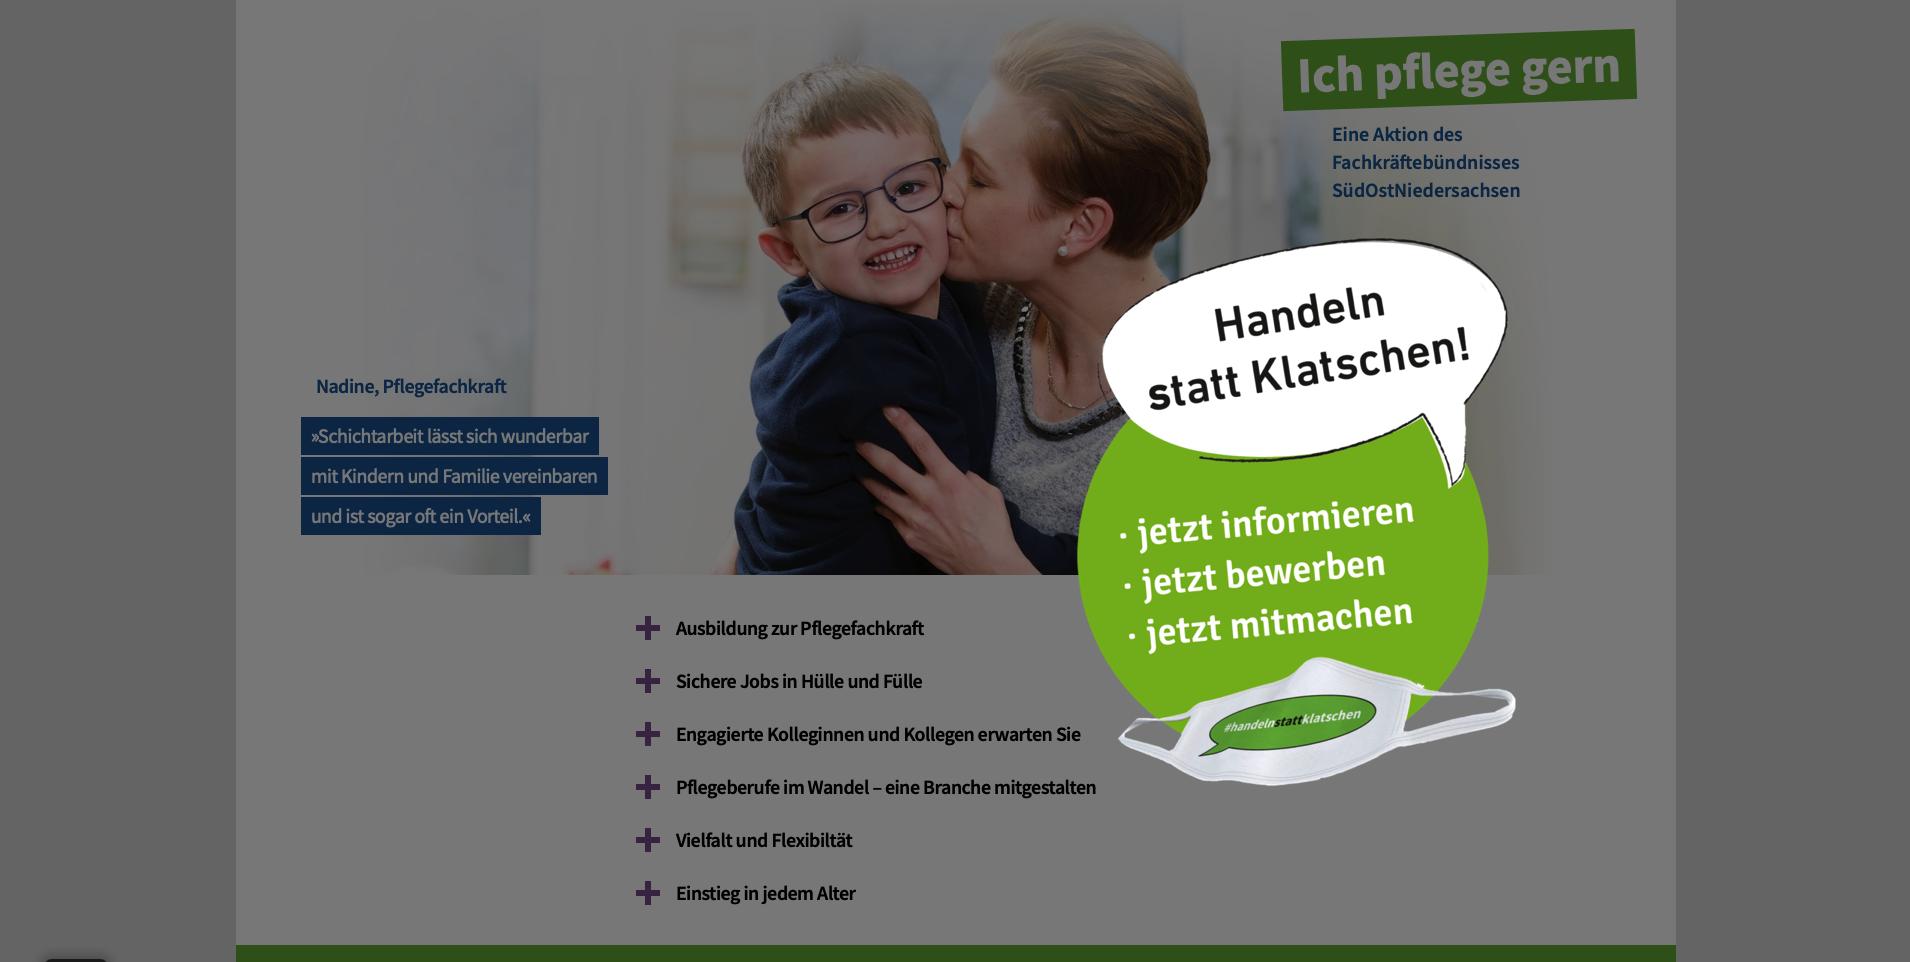 Screenshot der Startseite www.ich-pflege-gern.de